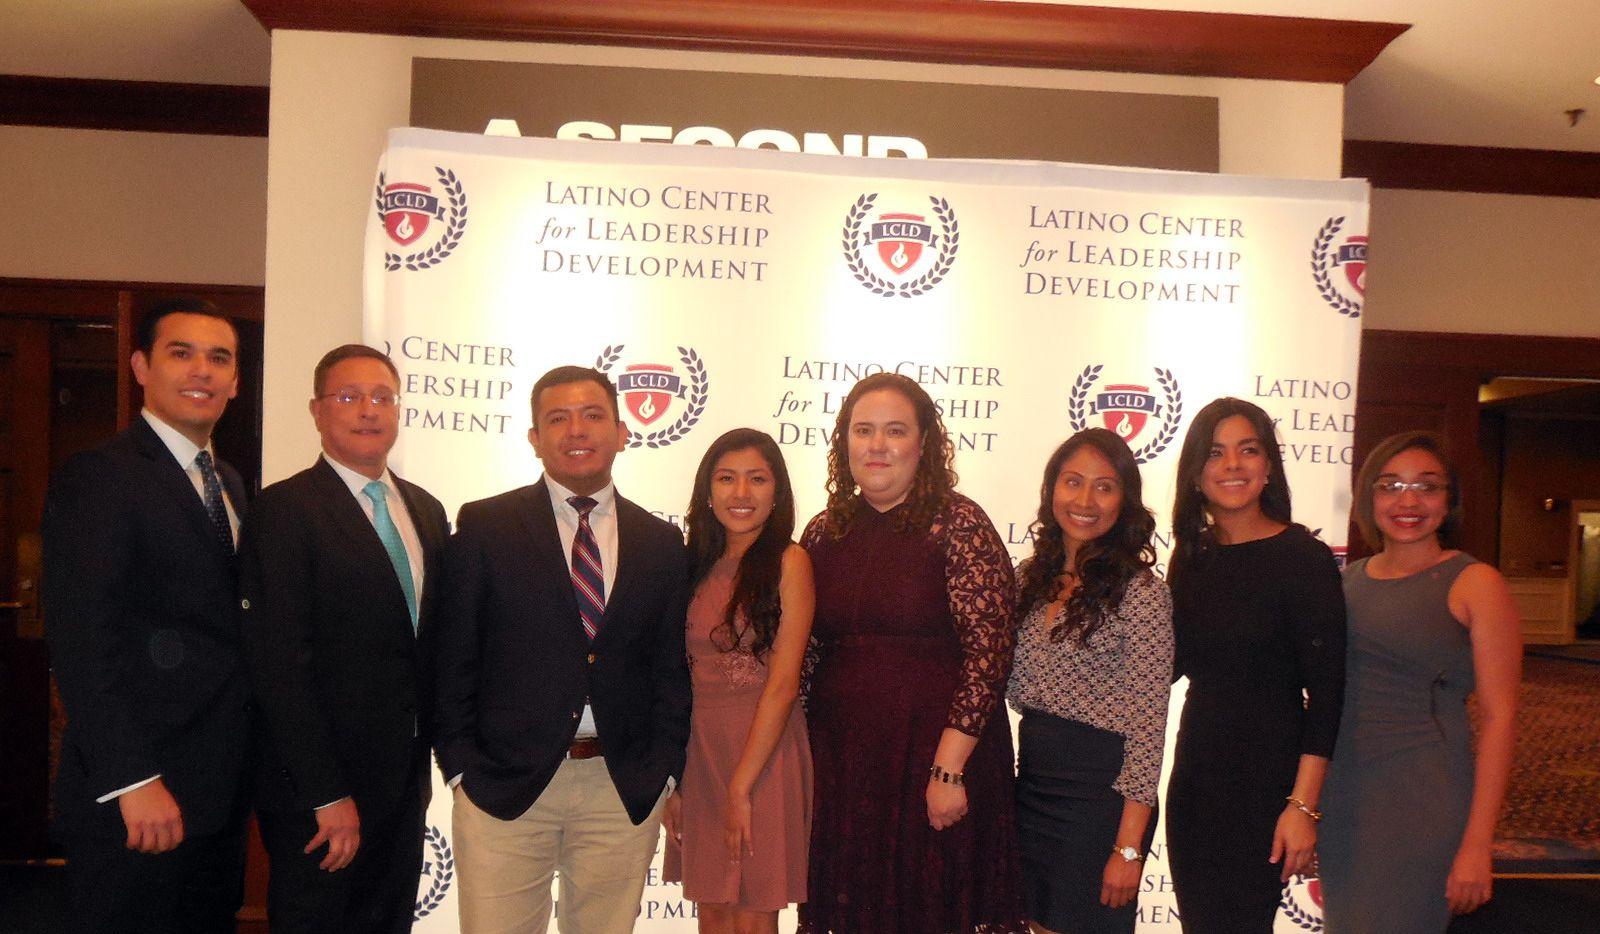 El Latino Center for Leadership Development recibirá solicitudes para su programa de embajadores hasta el 26 de septiembre. Foto: KARINA RAMÍREZ/AL DÍA